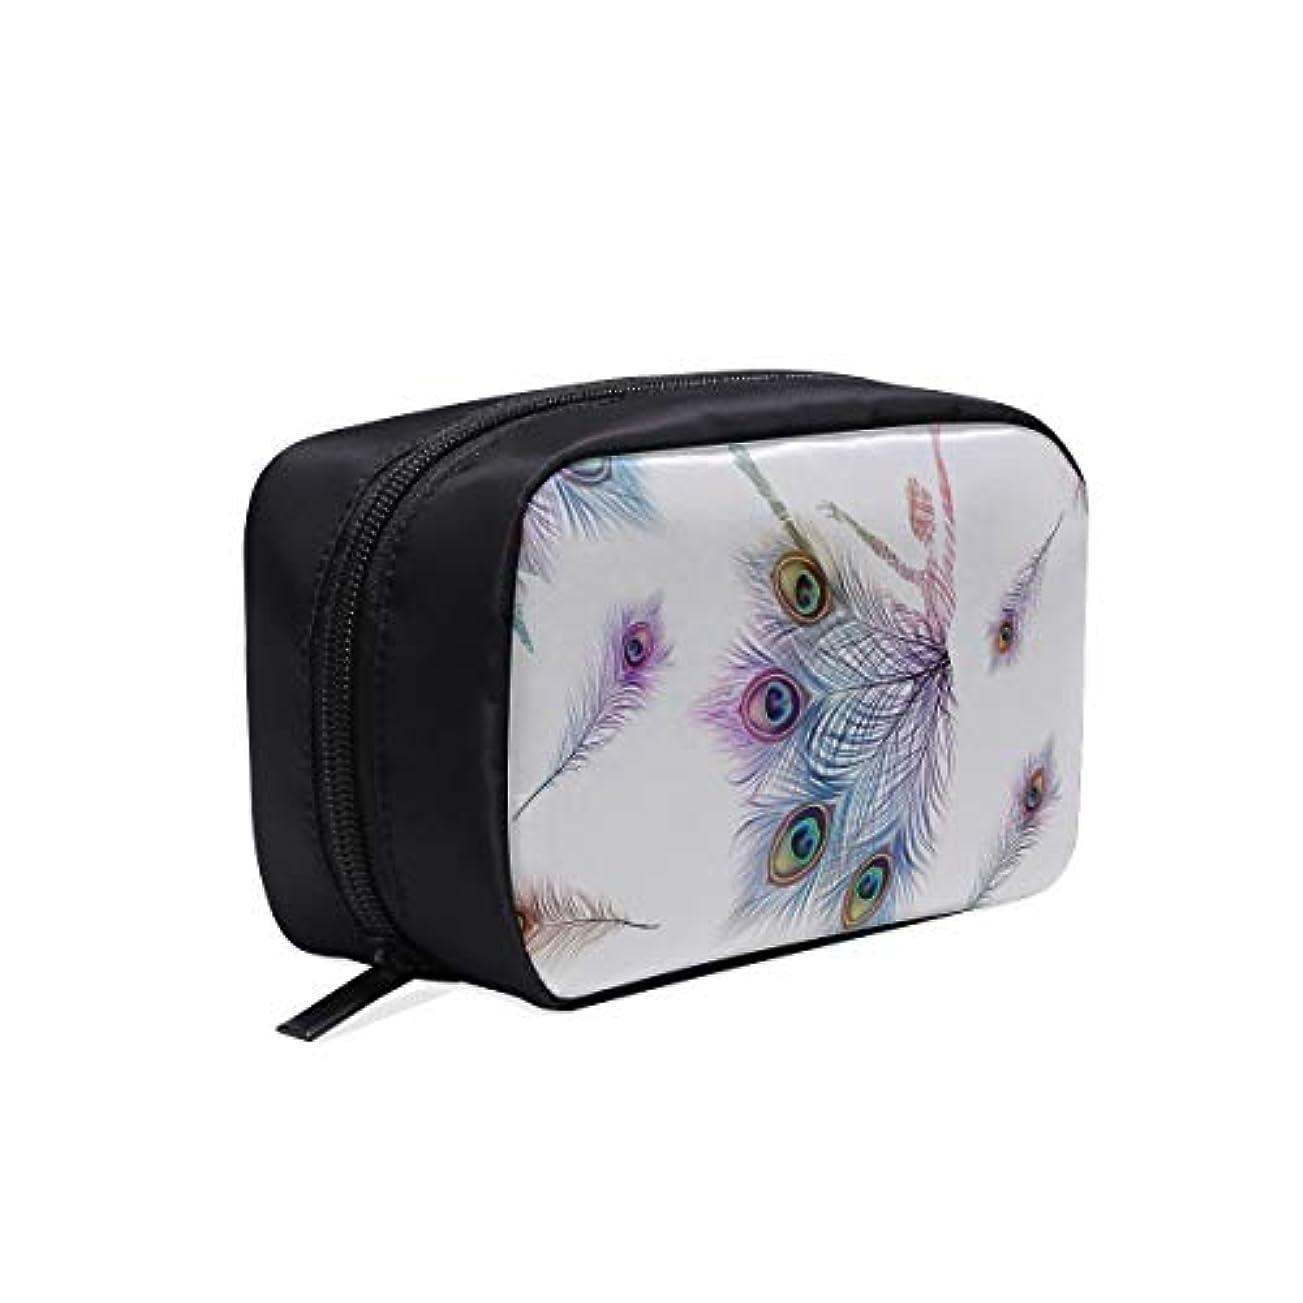 代名詞アクティビティ回想GXMAN メイクポーチ バレエ ボックス コスメ収納 化粧品収納ケース 大容量 収納 化粧品入れ 化粧バッグ 旅行用 メイクブラシバッグ 化粧箱 持ち運び便利 プロ用